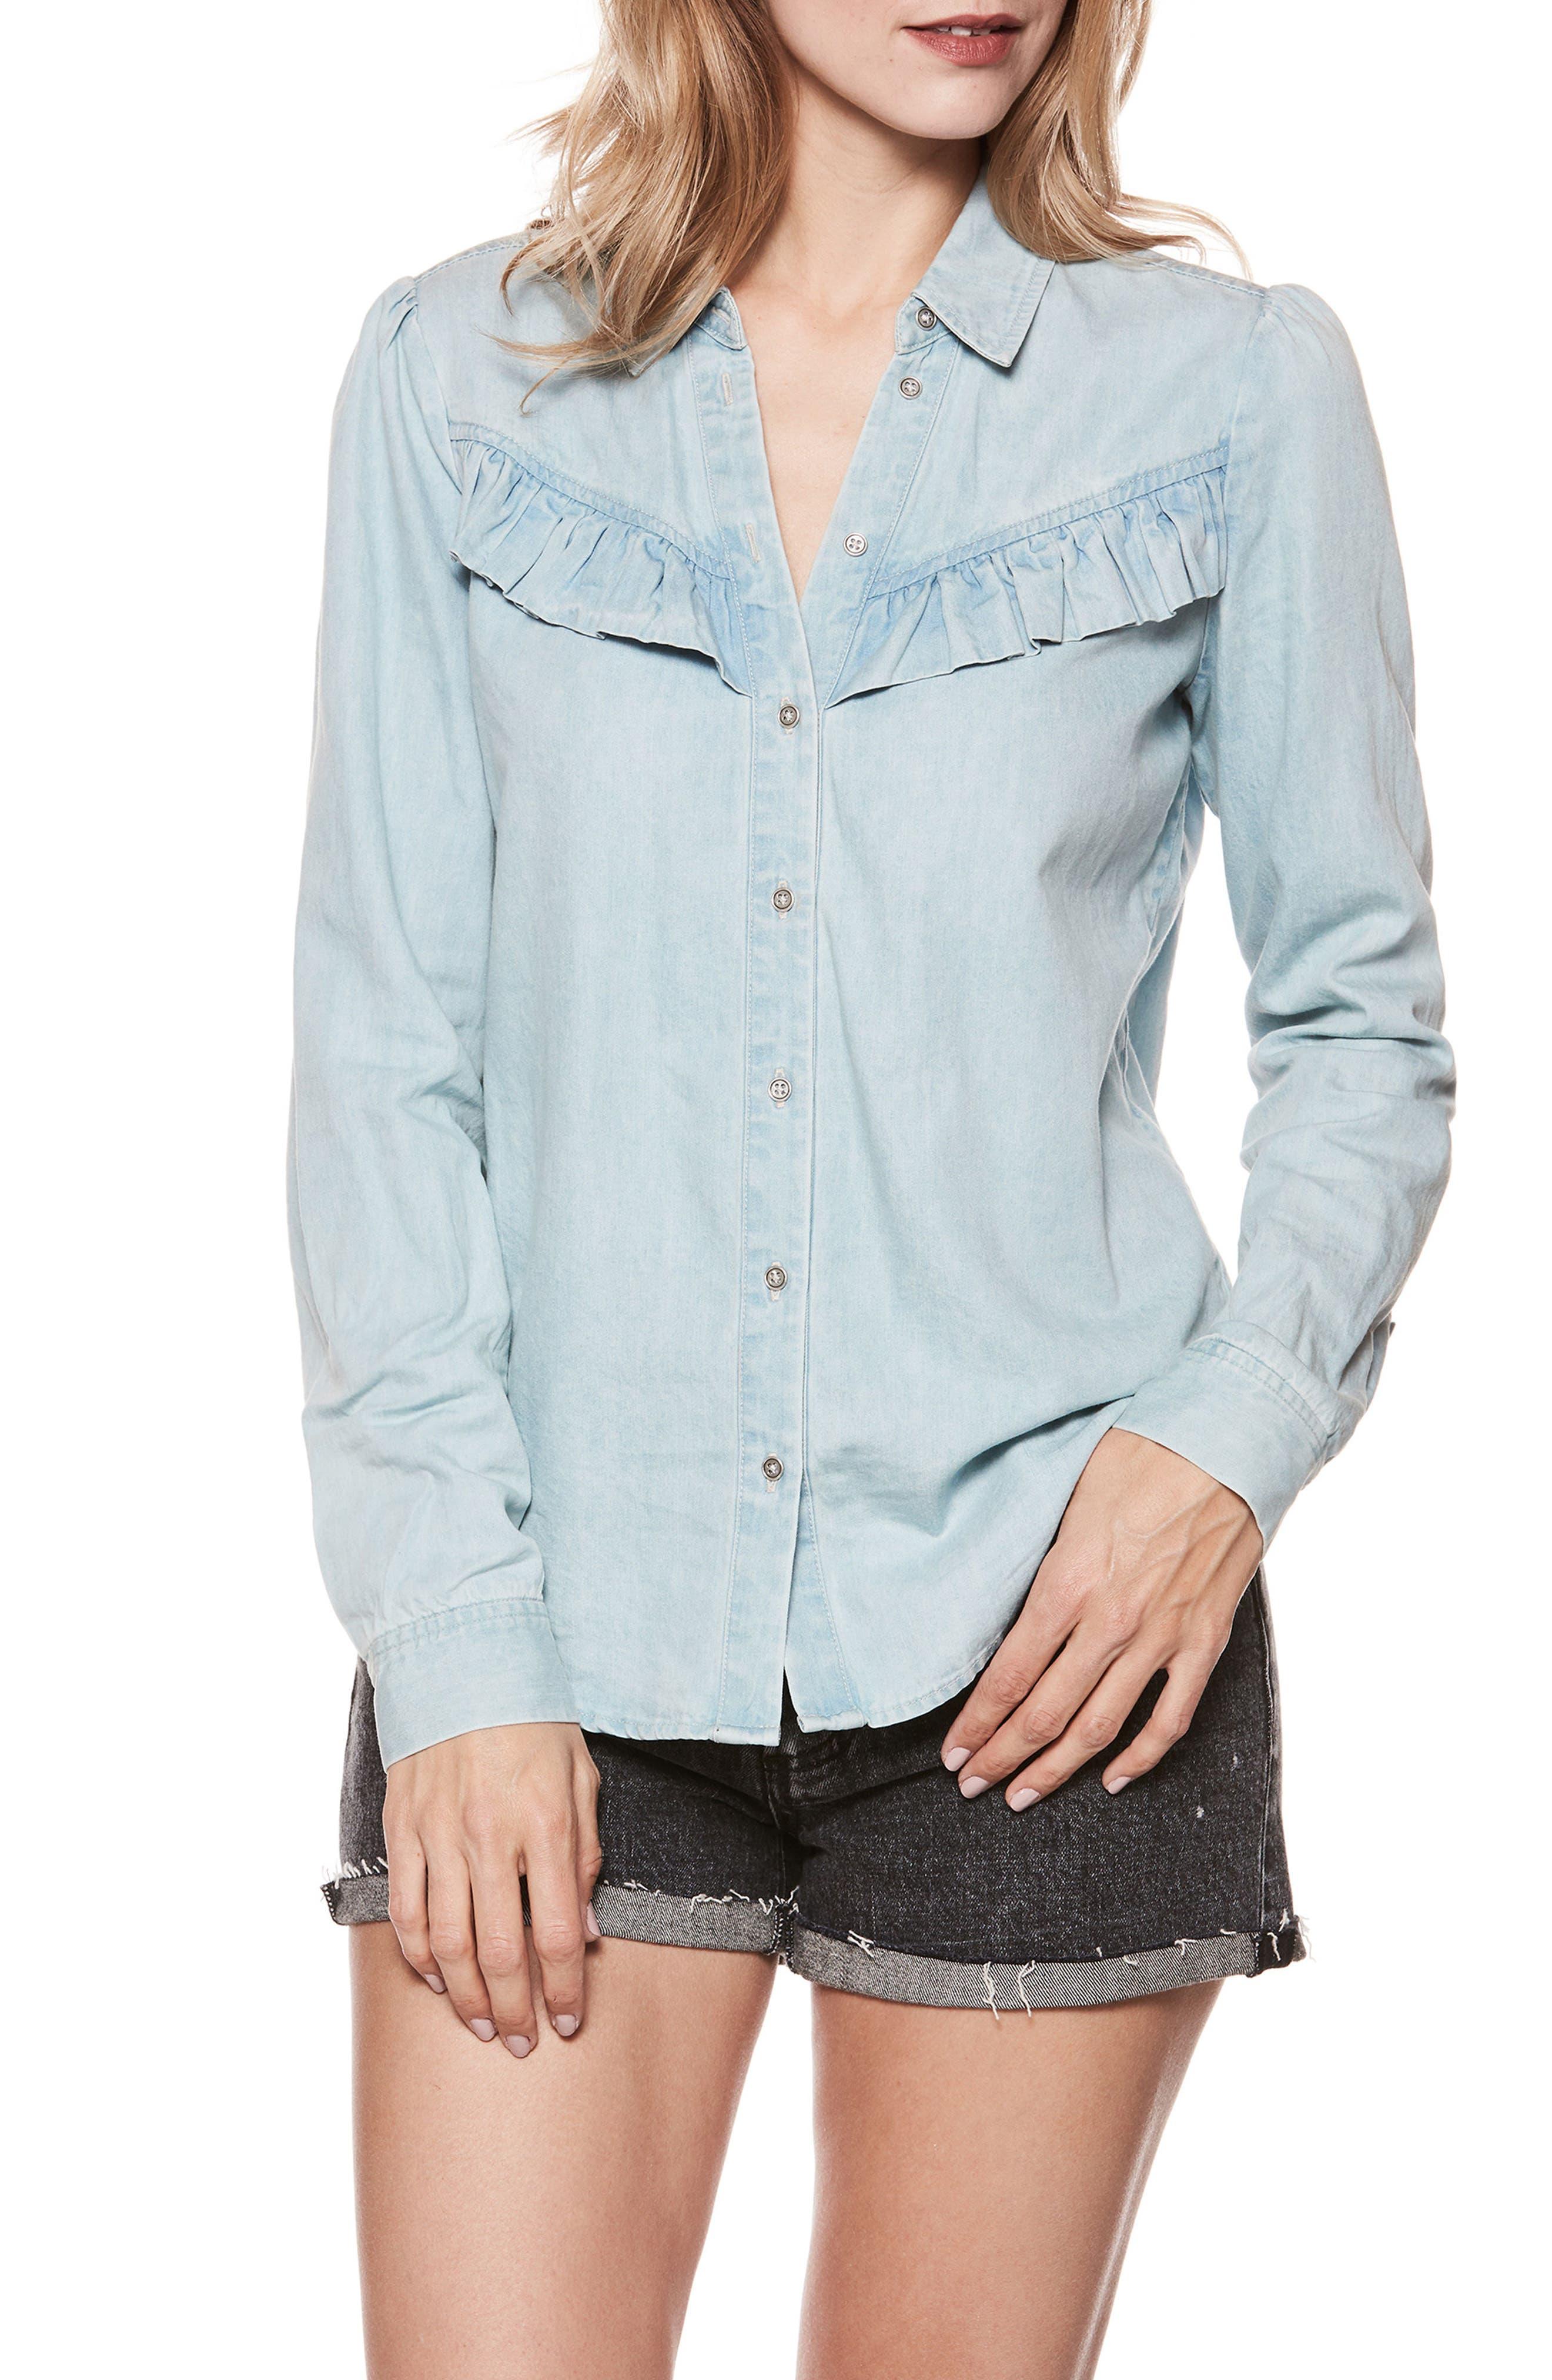 PAIGE,                             Layda Ruffle Western Chambray Shirt,                             Main thumbnail 1, color,                             400